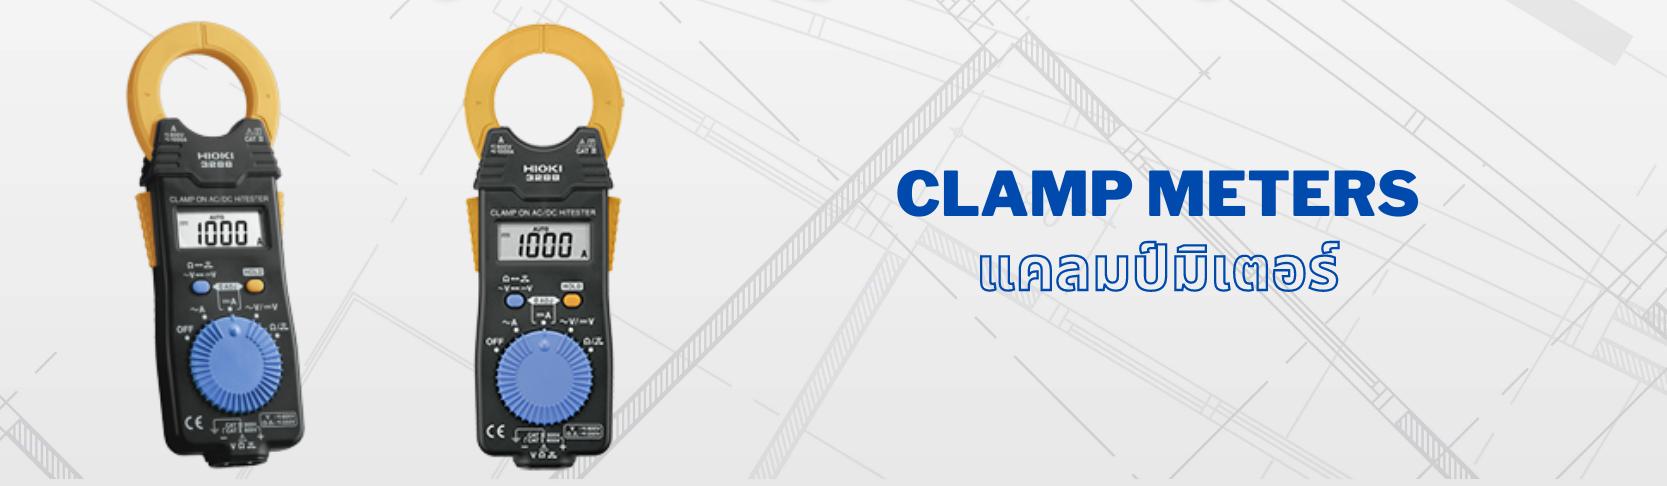 แคลมป์มิเตอร์ (Clamp meter)